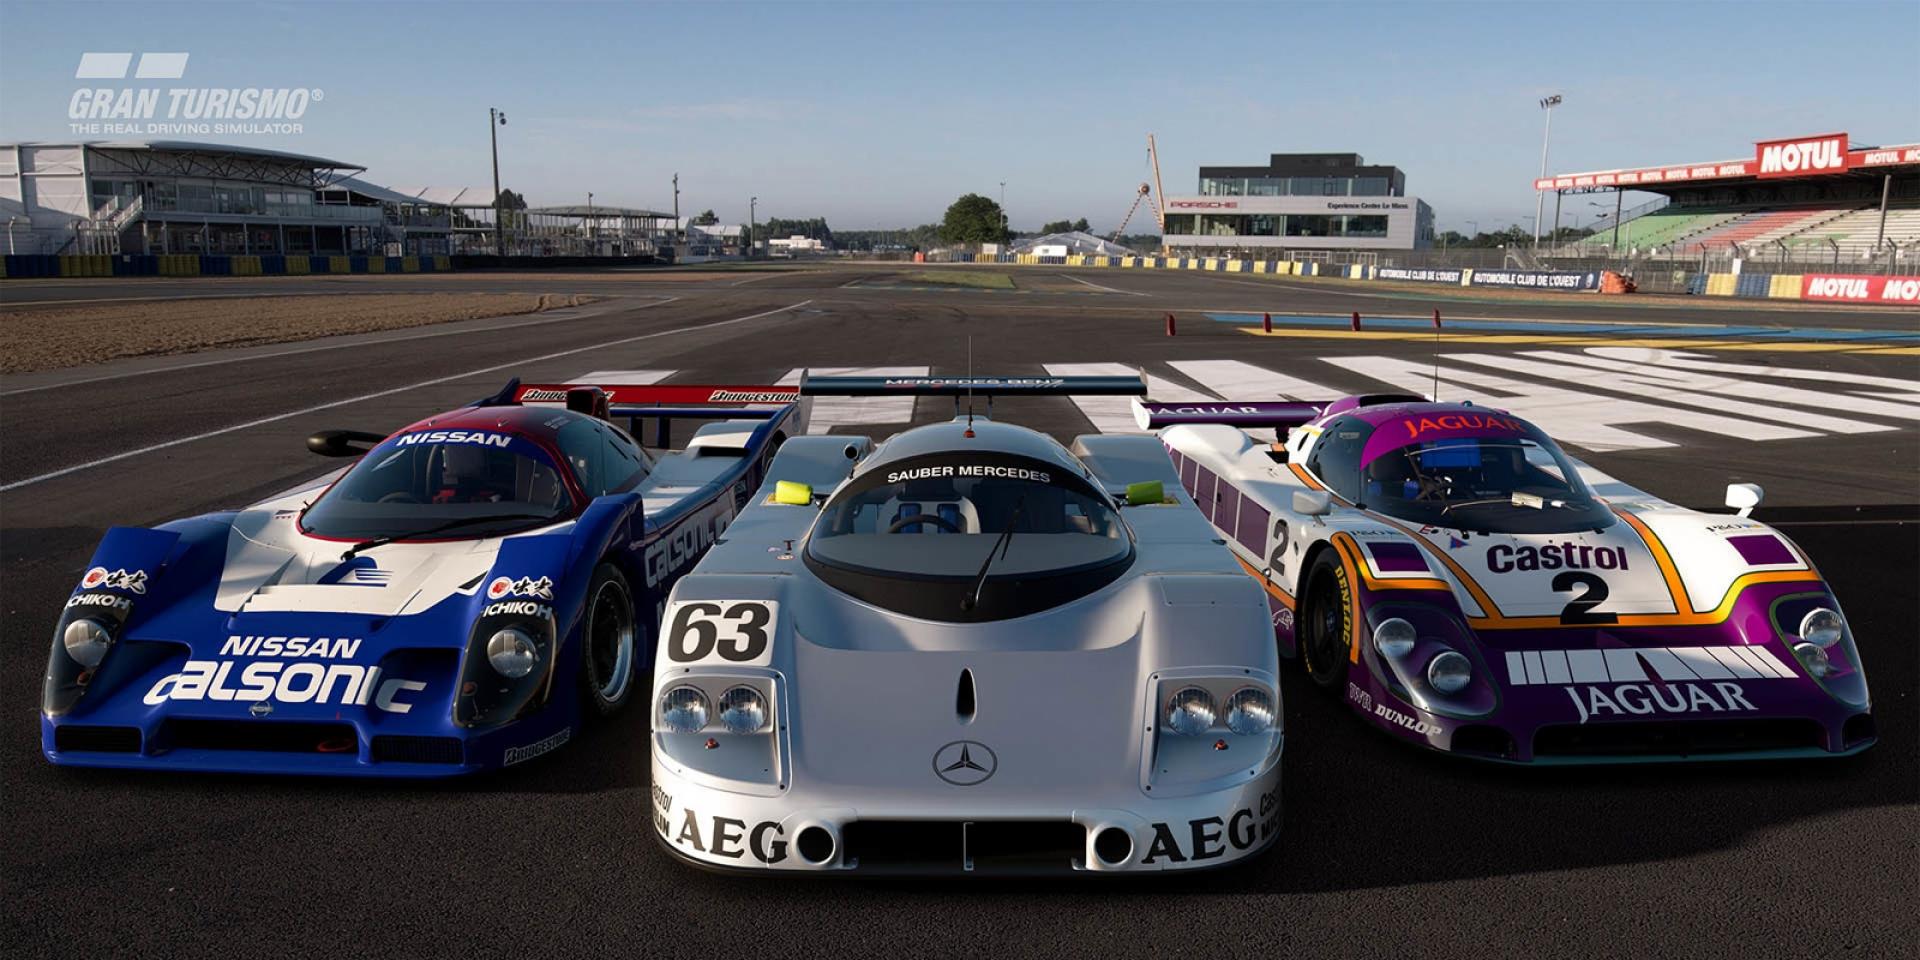 打電動也能比奧運?Gran Turismo跑車浪漫旅成為奧運比賽項目!